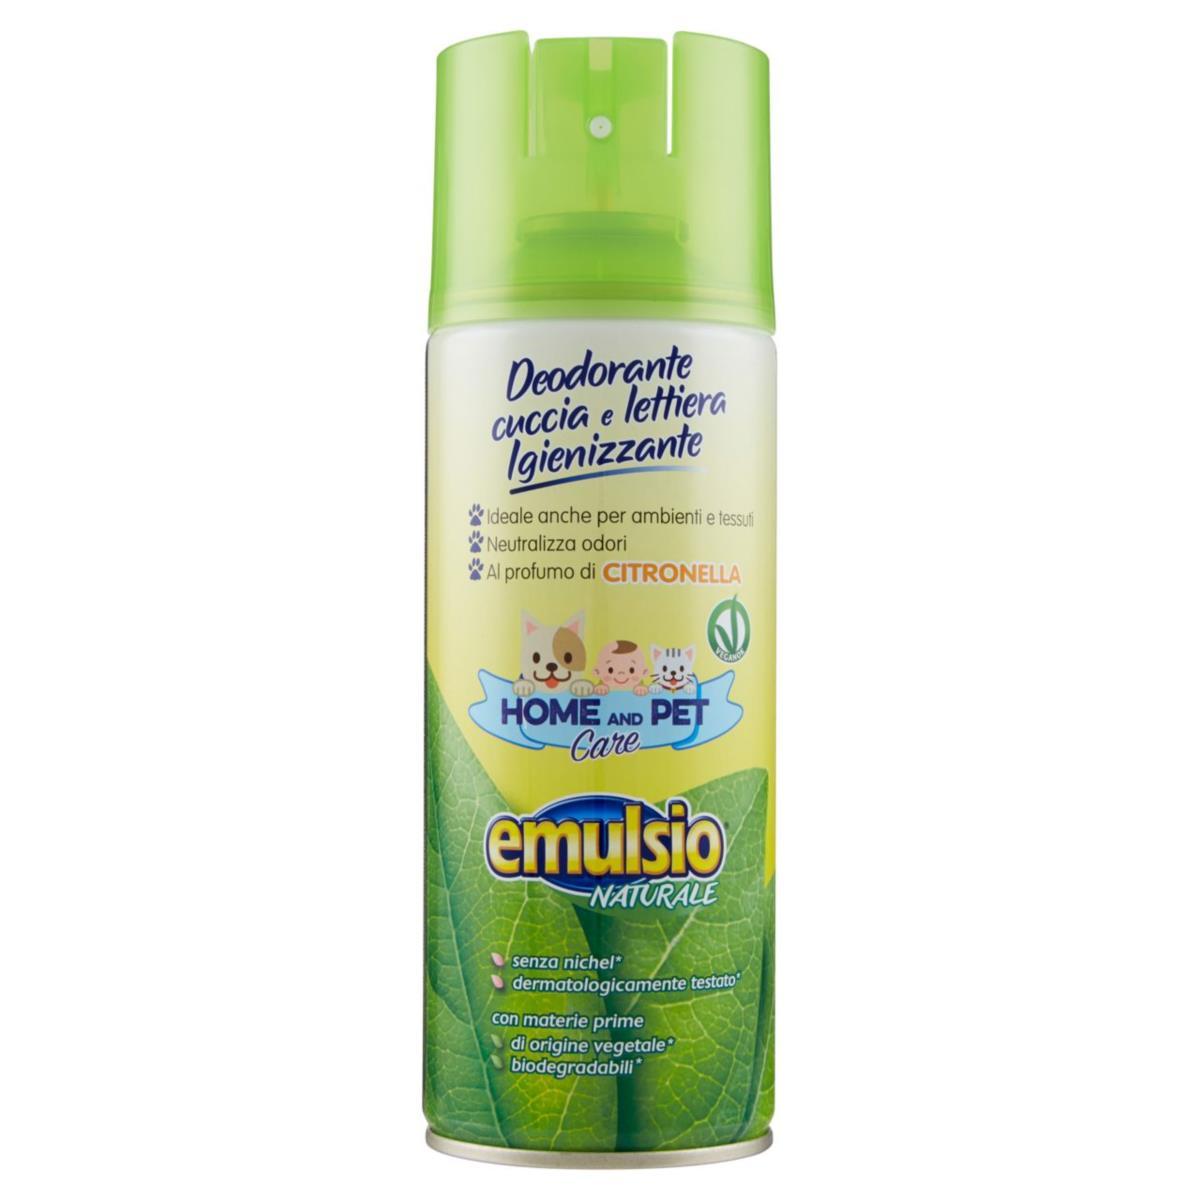 emulsio Naturale Home and Pet Care Deodorante cuccia e lettiera Igienizzante Citronella 400 ml